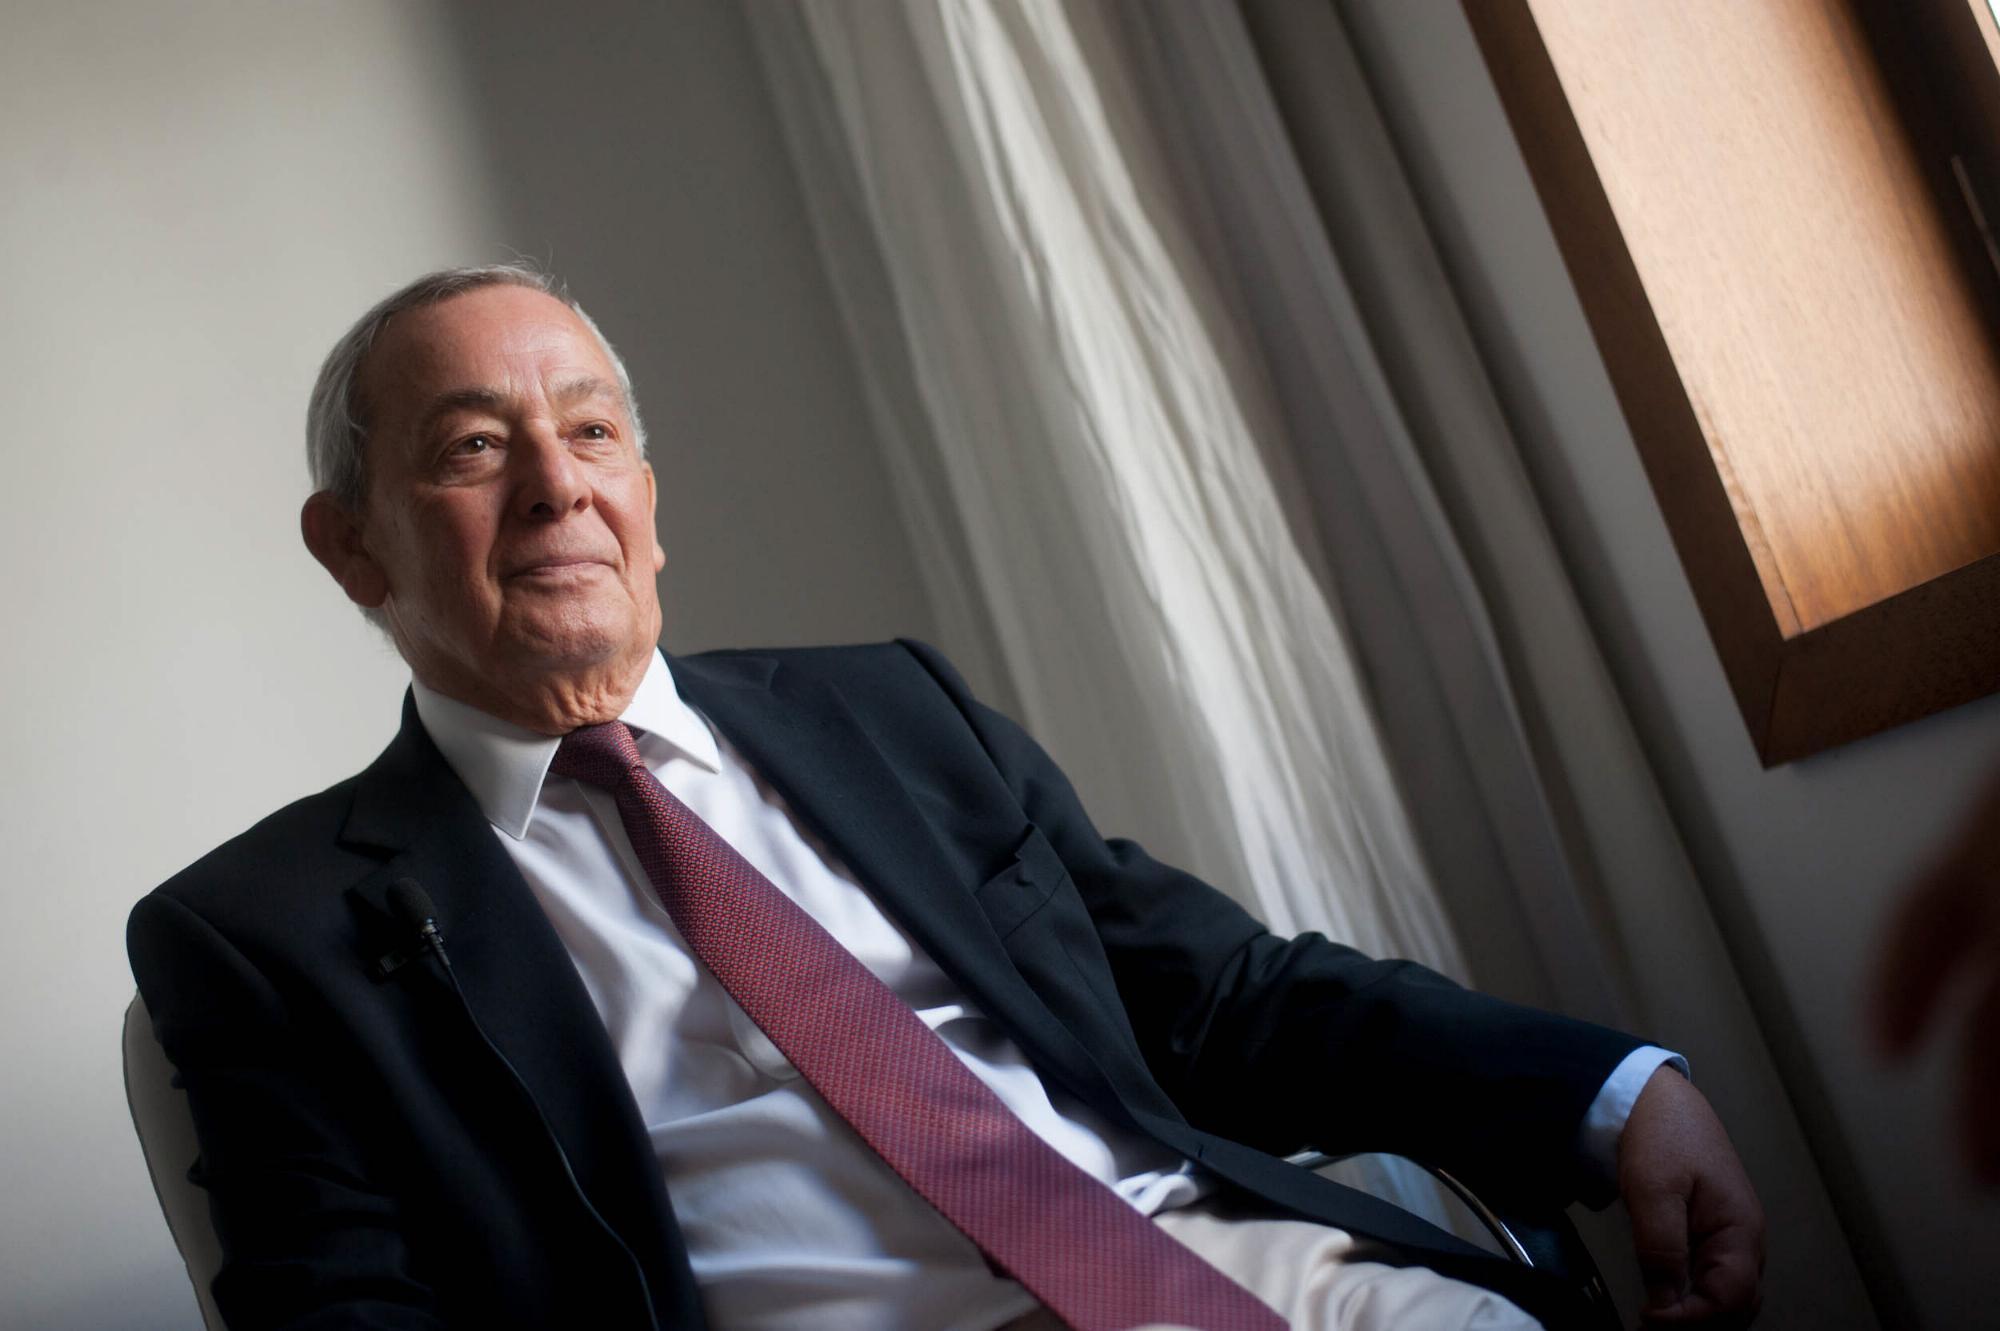 El exministro Carlos Solchaga, durante la entrevista en el Iberostar Grand Hotel Mencey. / FRAN PALLERO